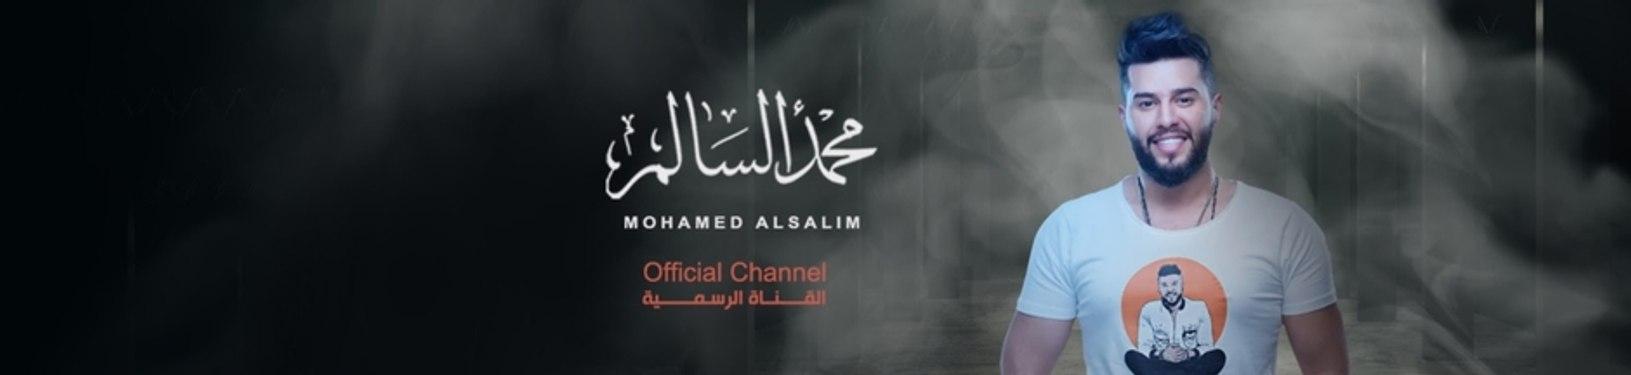 Mohamed AlSalim | محمد السالم